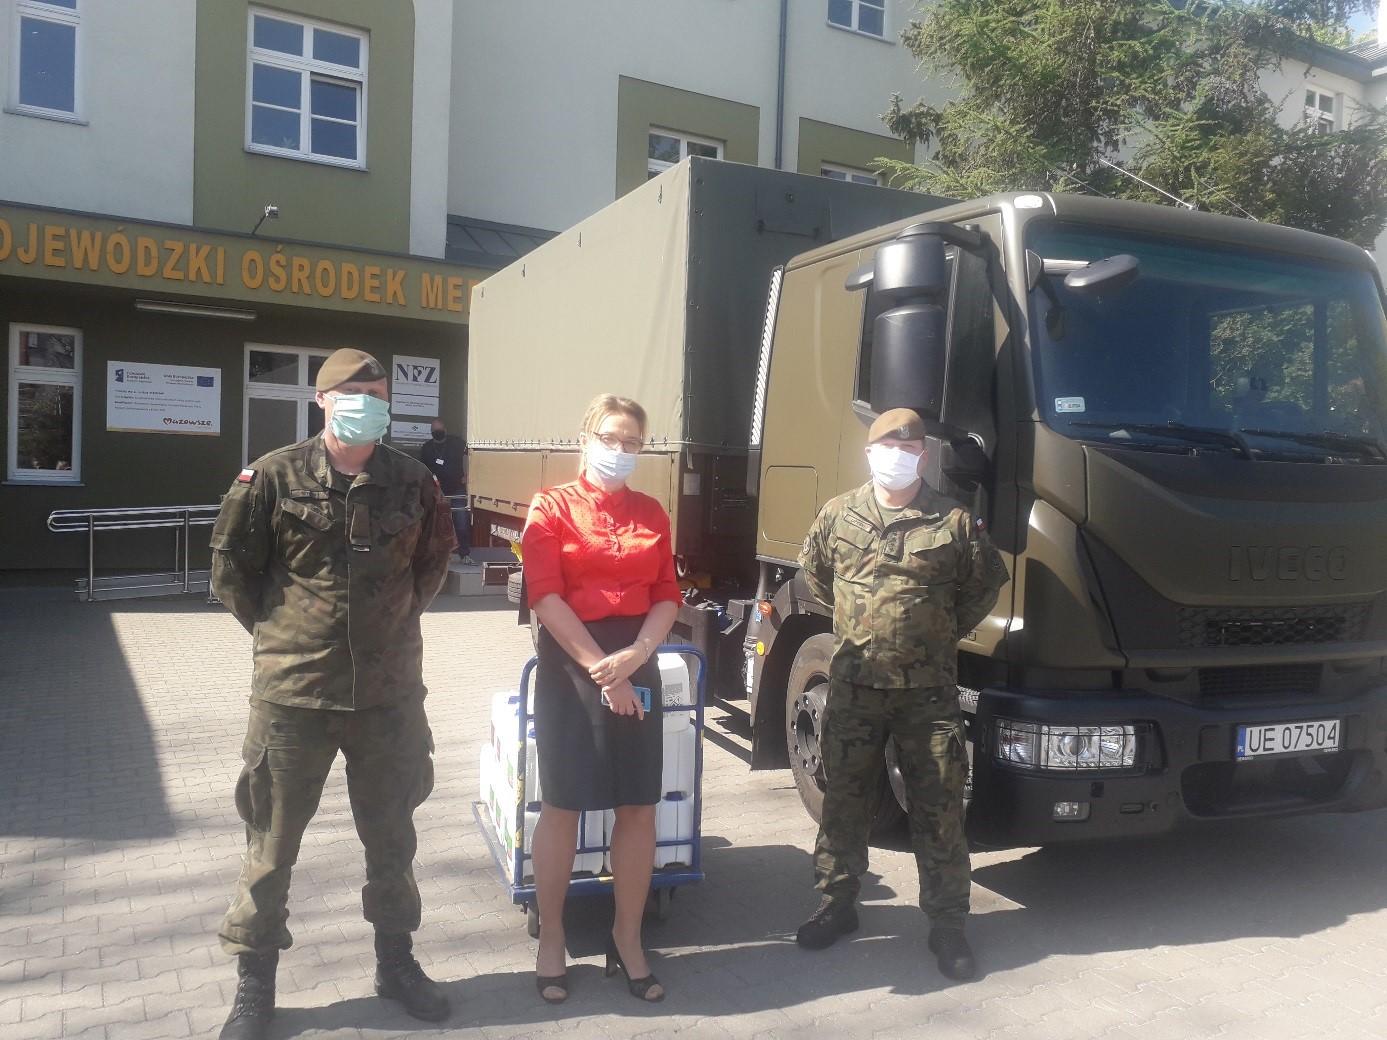 2 żołnierzy oraz dyrektorka stoją na tle przychodni oraz ciężarówki wojskowej; za nimi płyny dezynfekcyjne